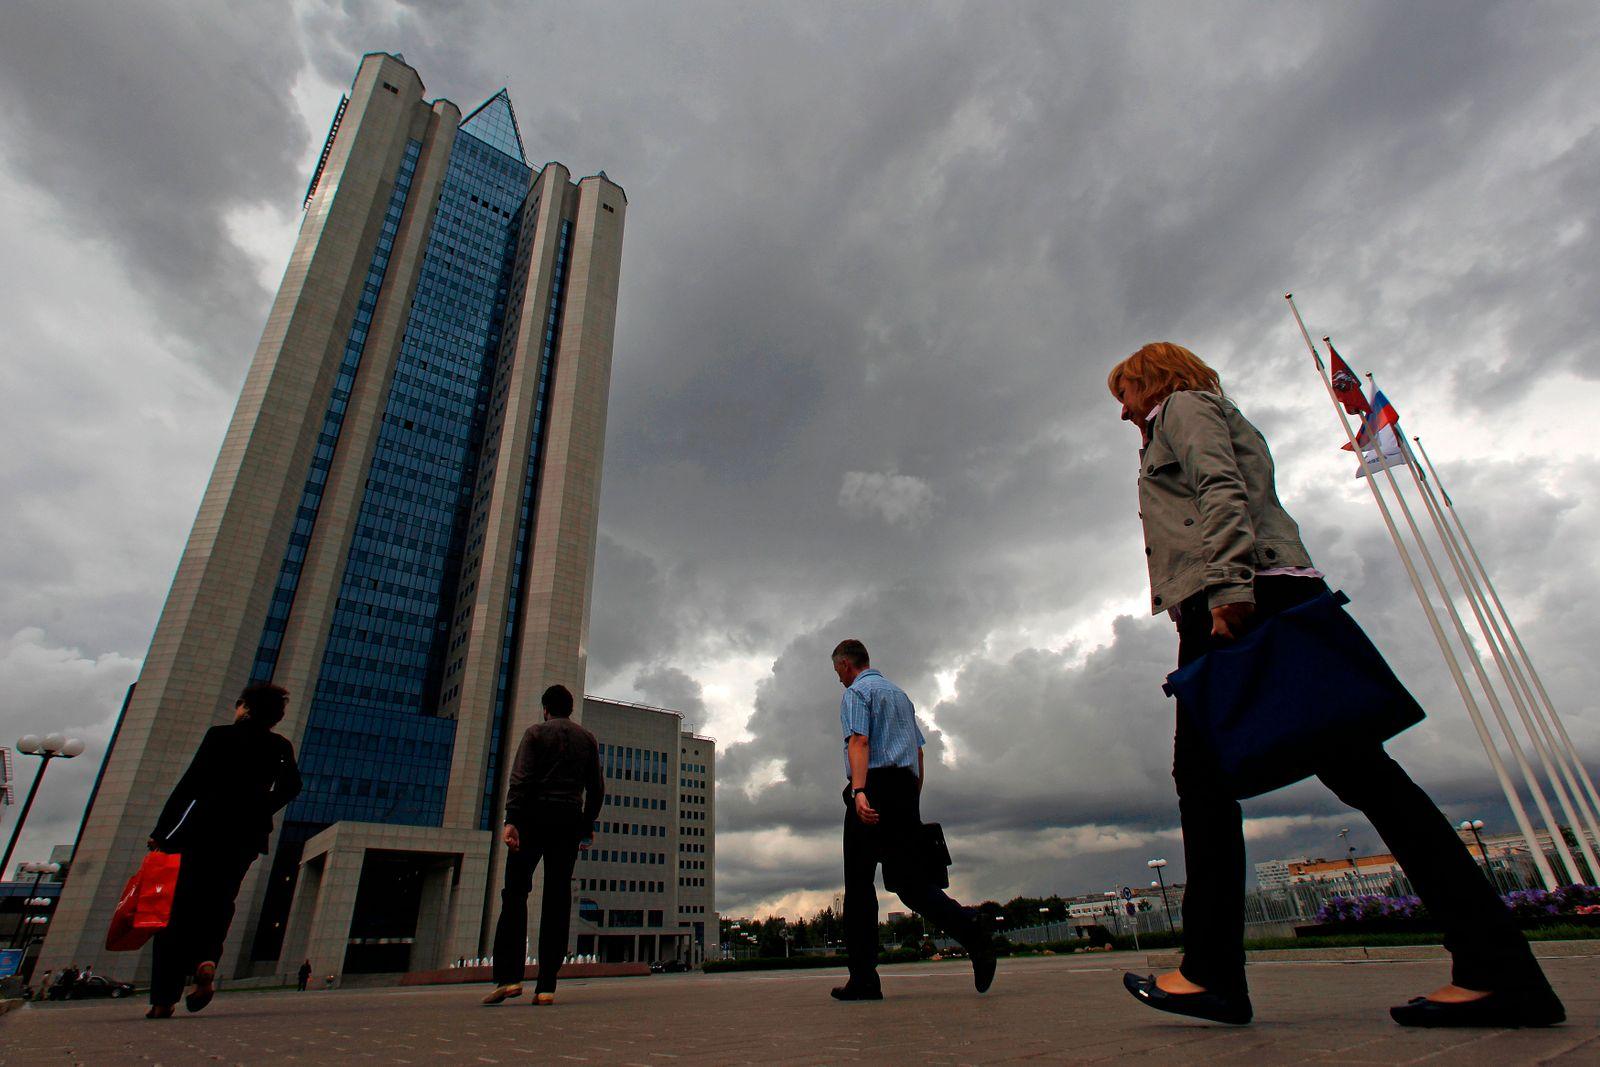 Gasprom / Gazprom / Zentrale / Dunkele Wolken